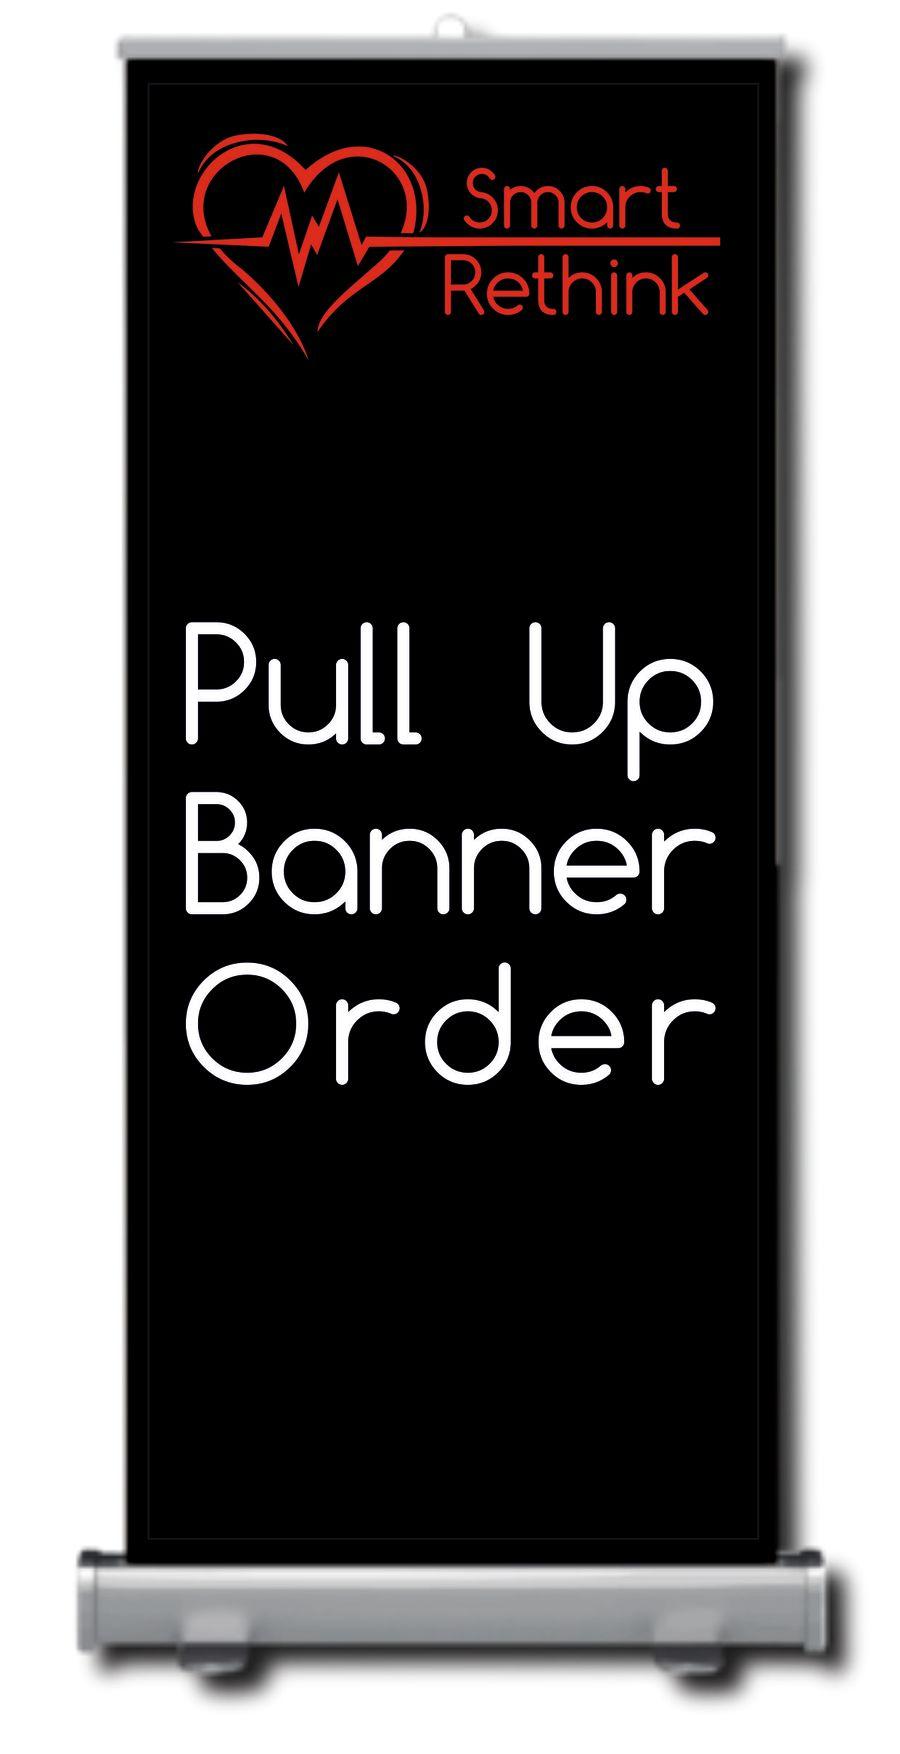 Smart Rethink PULL UP ROLLER BANNER ORDER